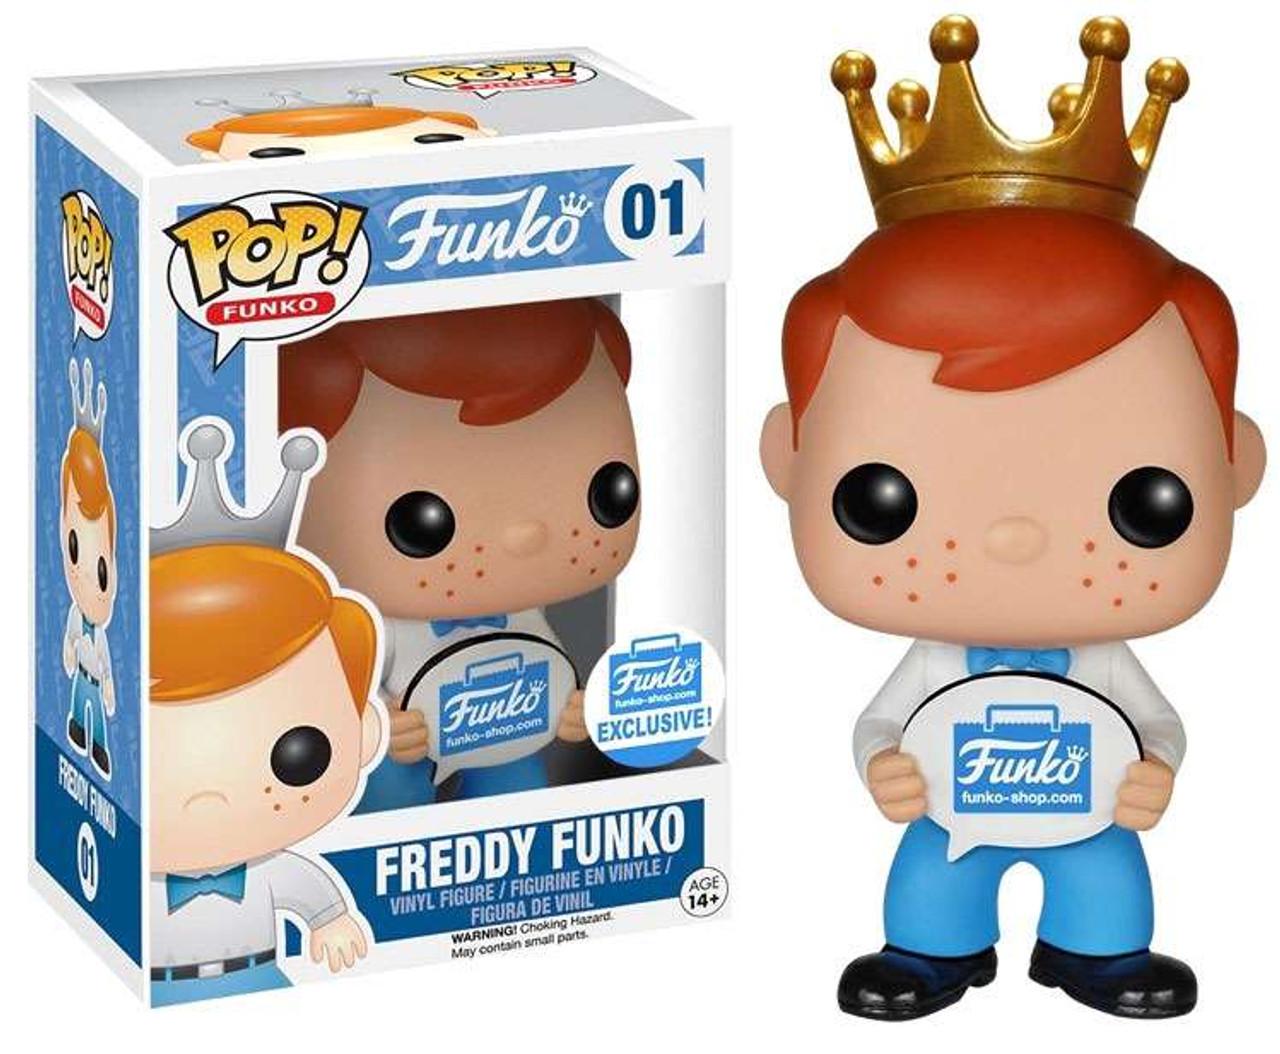 Pop #10 8-bit Freddy! Funko Pop- Freddy Funko Funko Shop Limited Edition